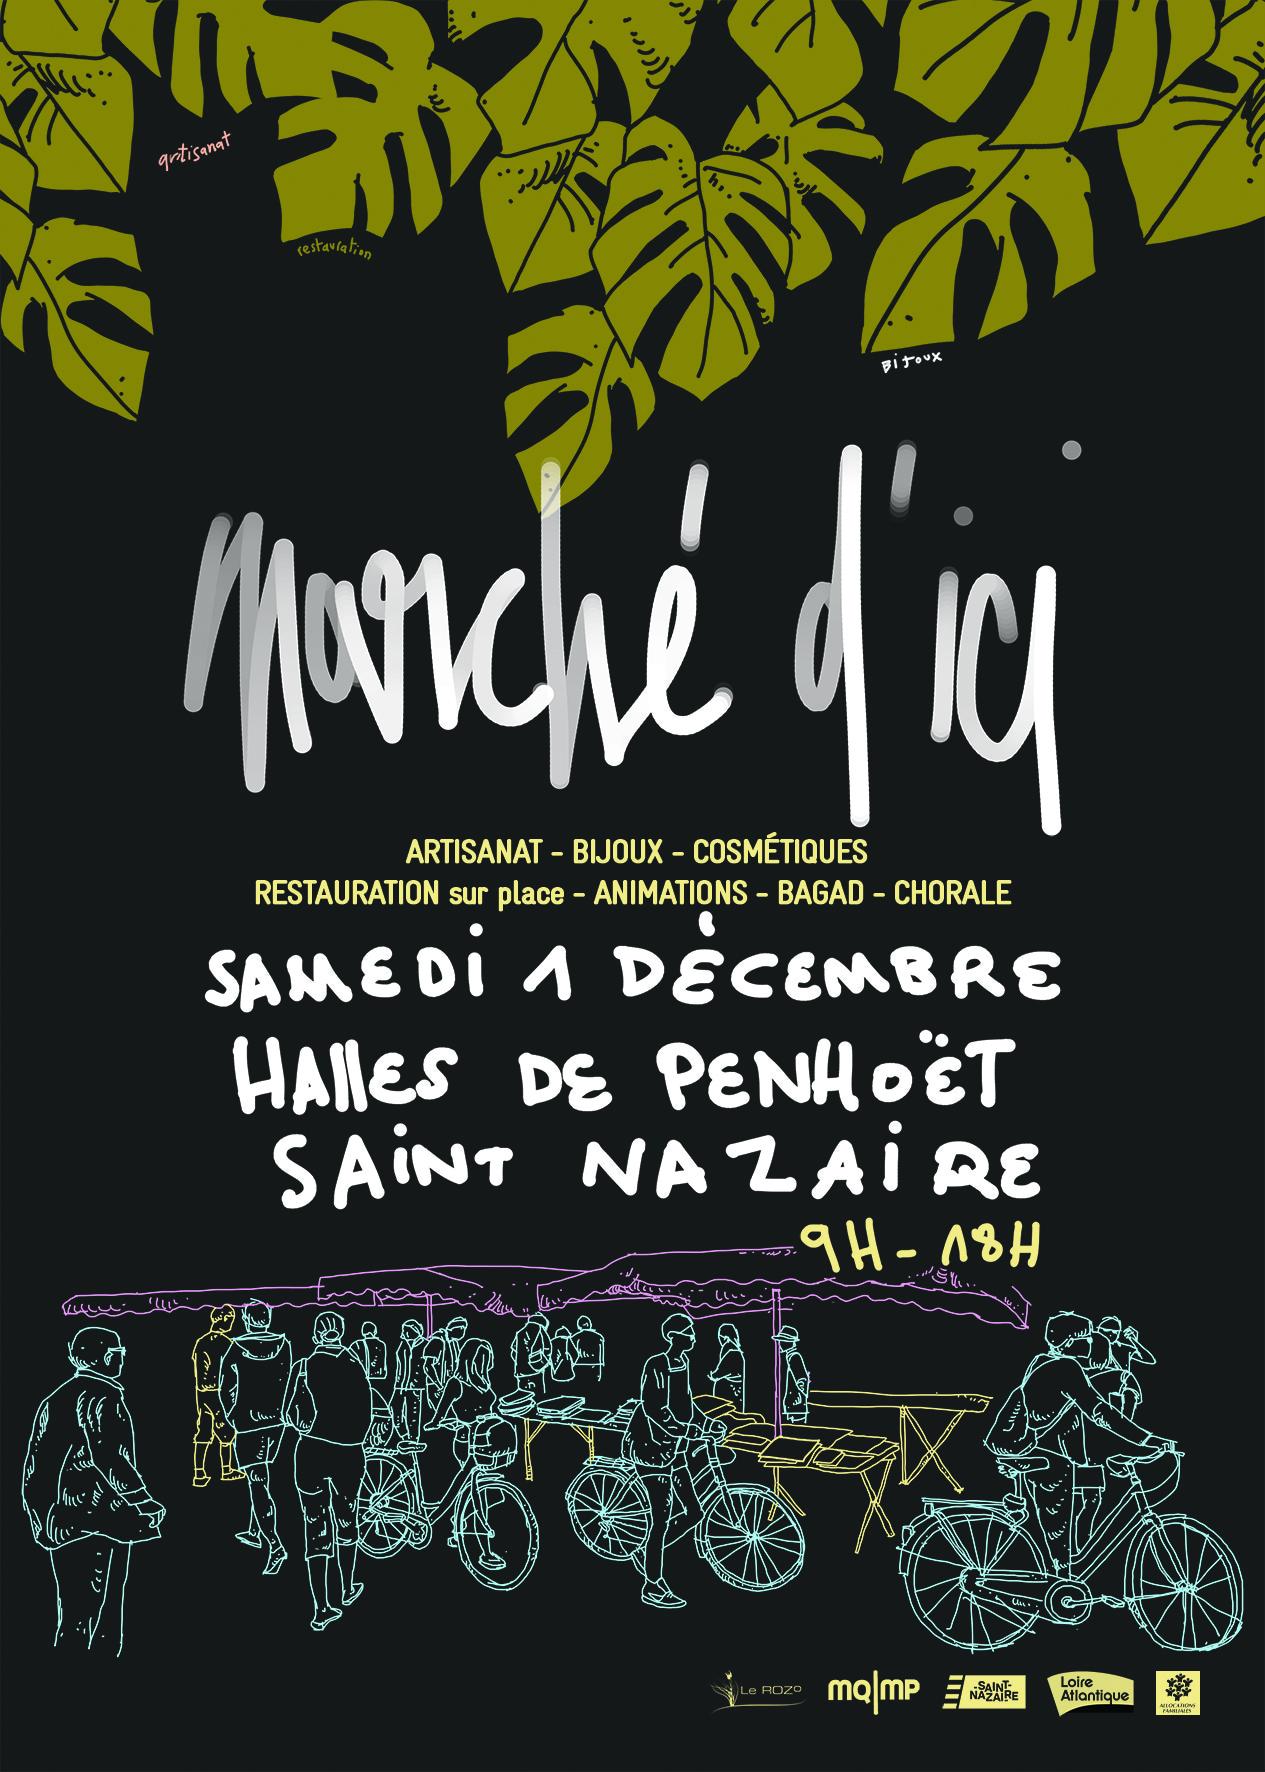 Le Rozo fait son marché– 01/12/18 aux Halles de Penhoet